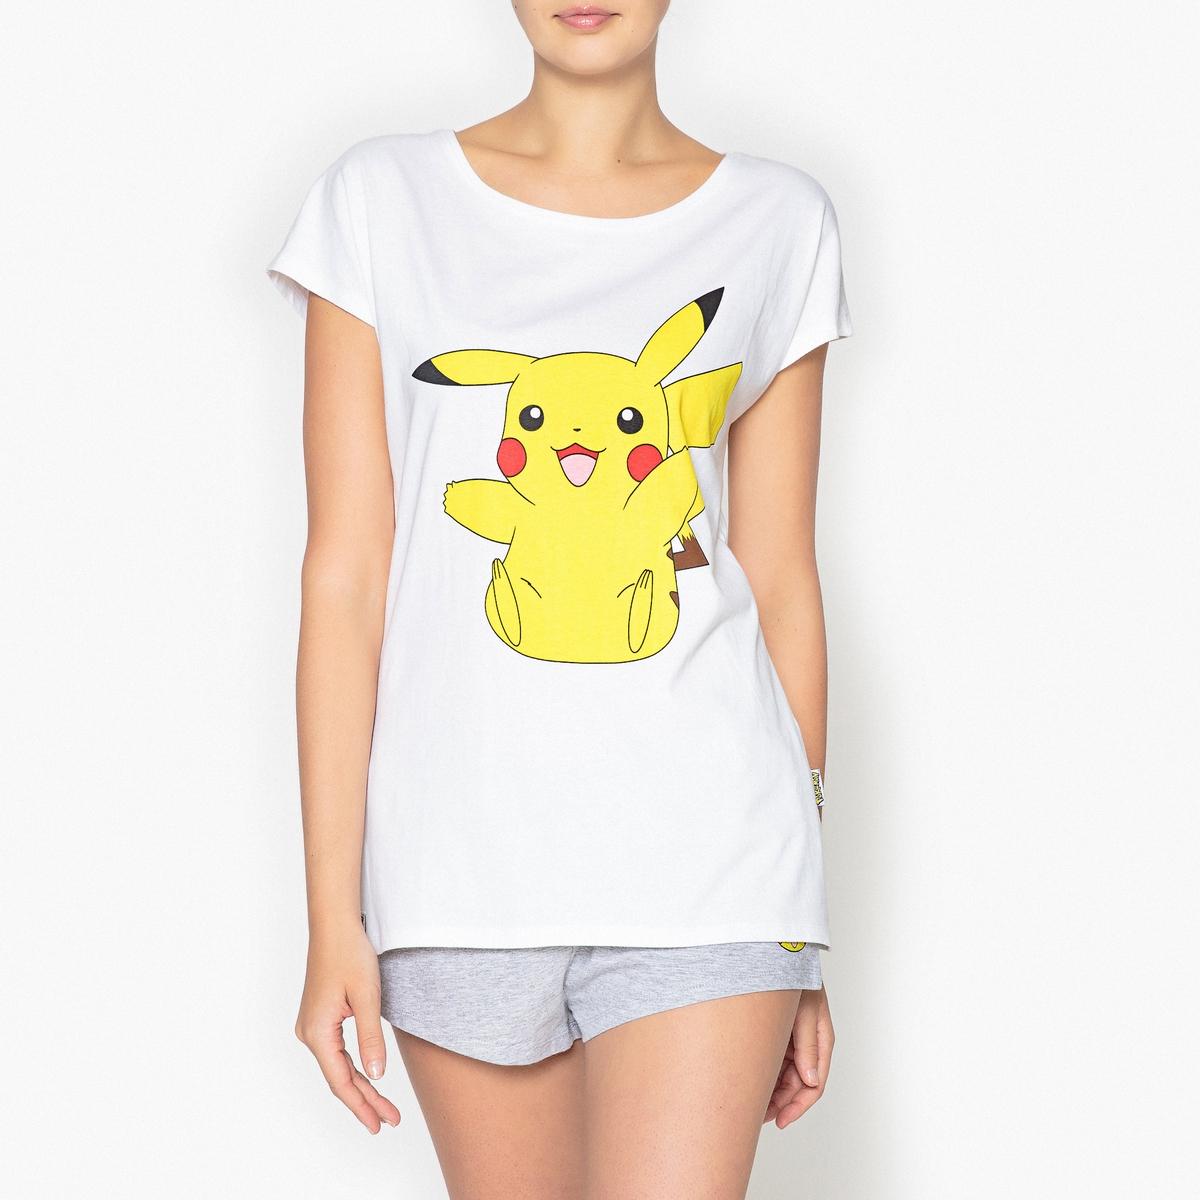 Пижама с принтом, PokemonПижама с веселым Покемоном, который поднимет настроение с утра и повеселит во время вечернего отдыха !Состав и описаниеРаздельная пижама, верх с принтом, круглый вырез, длинные рукава .Шорты с завязками . Рисунок маленький Покемон сбоку . Эластичный пояс.Марка : PokemonМатериал :  93 % хлопка, 7% полиэстера Уход: :Машинная стирка при 30 °С на деликатном режиме с вещами схожих цветов.Стирать и гладить при низкой температуре с изнаночной стороны.Машинная сушка запрещена.<br><br>Цвет: серый<br>Размер: XL.S.L